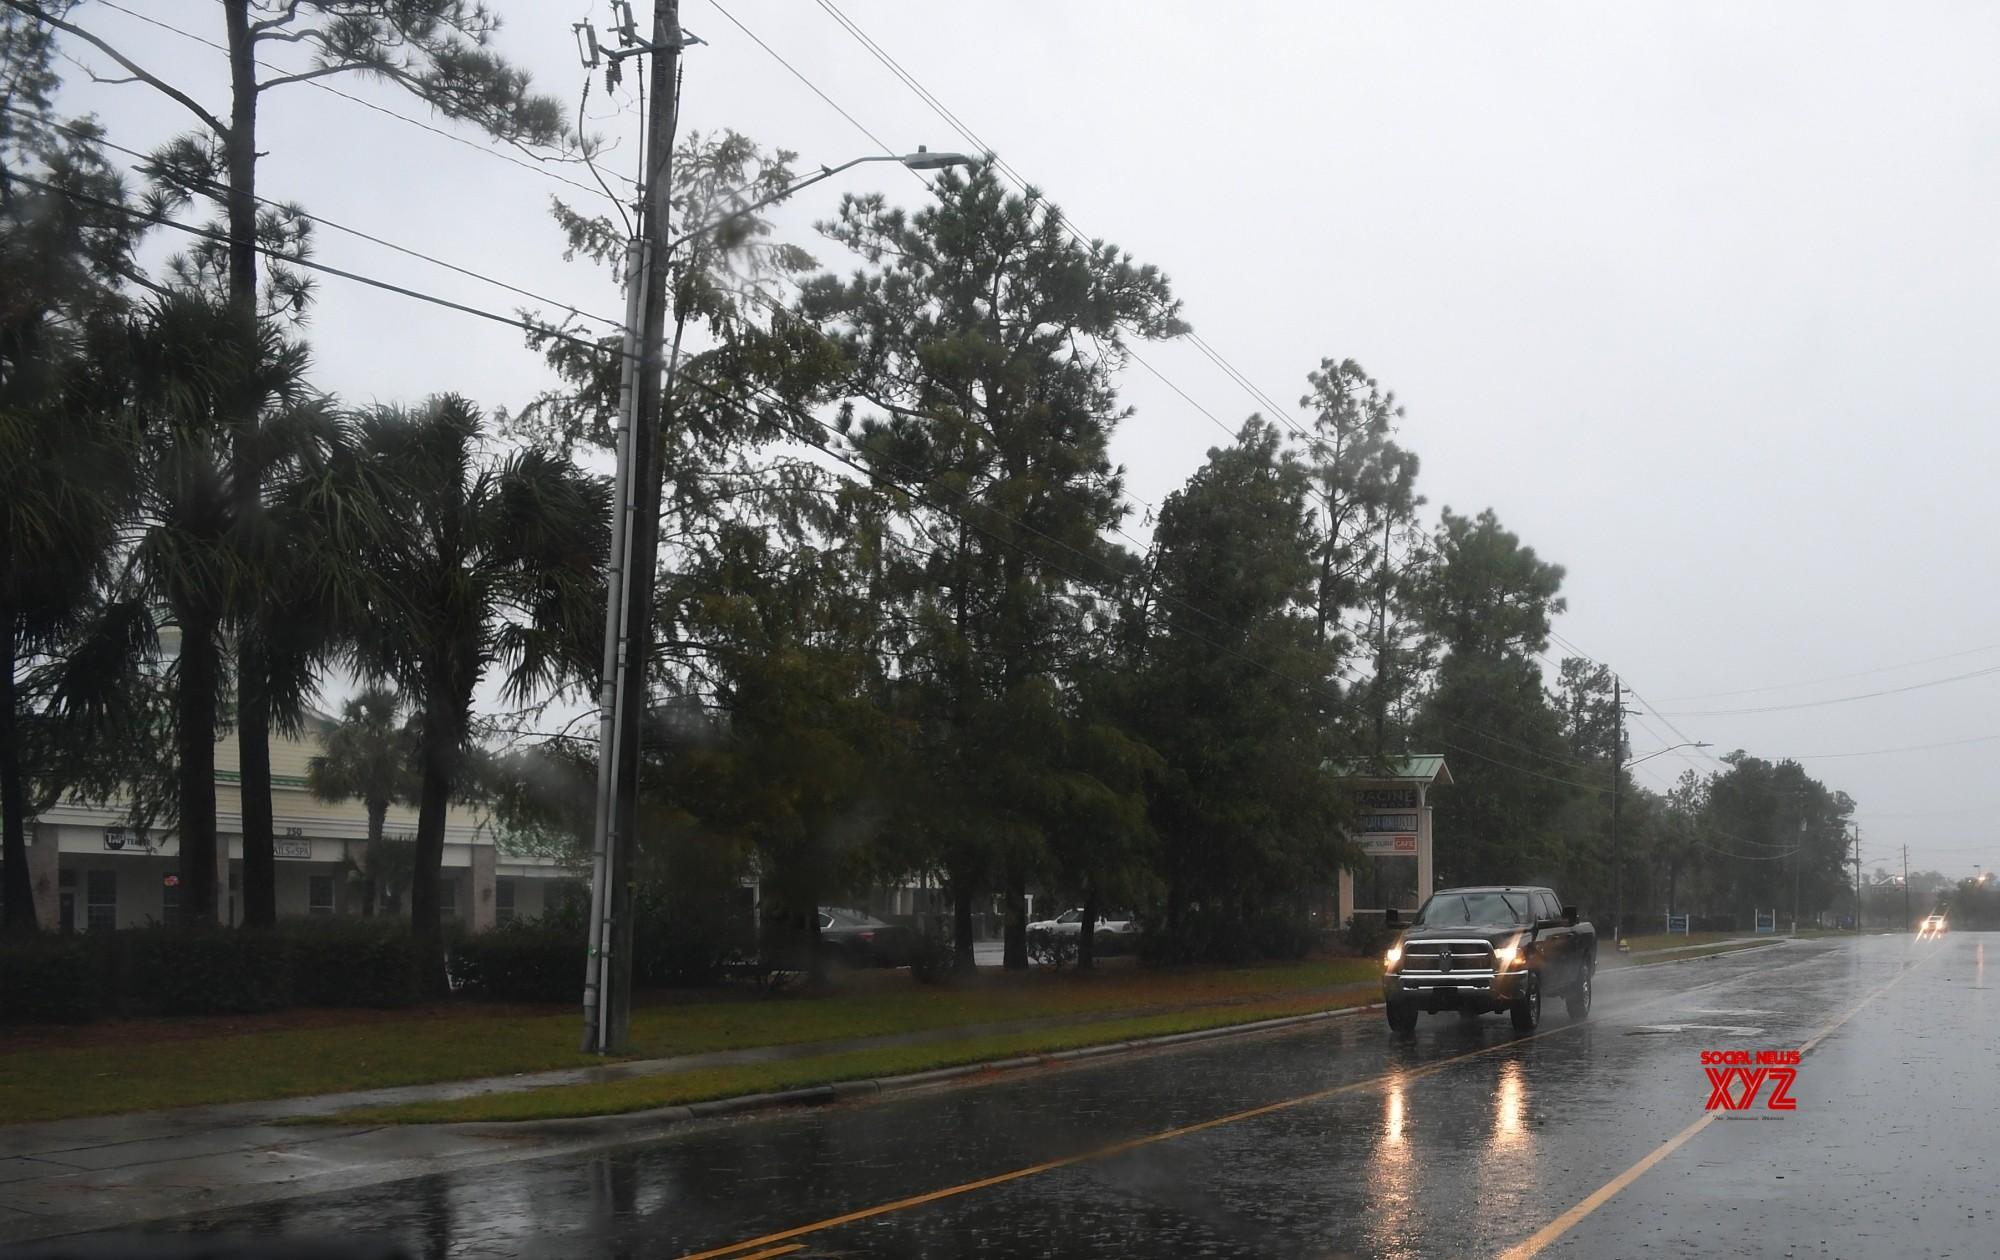 Hurricane Florence pounds US East Coast with heavy rain